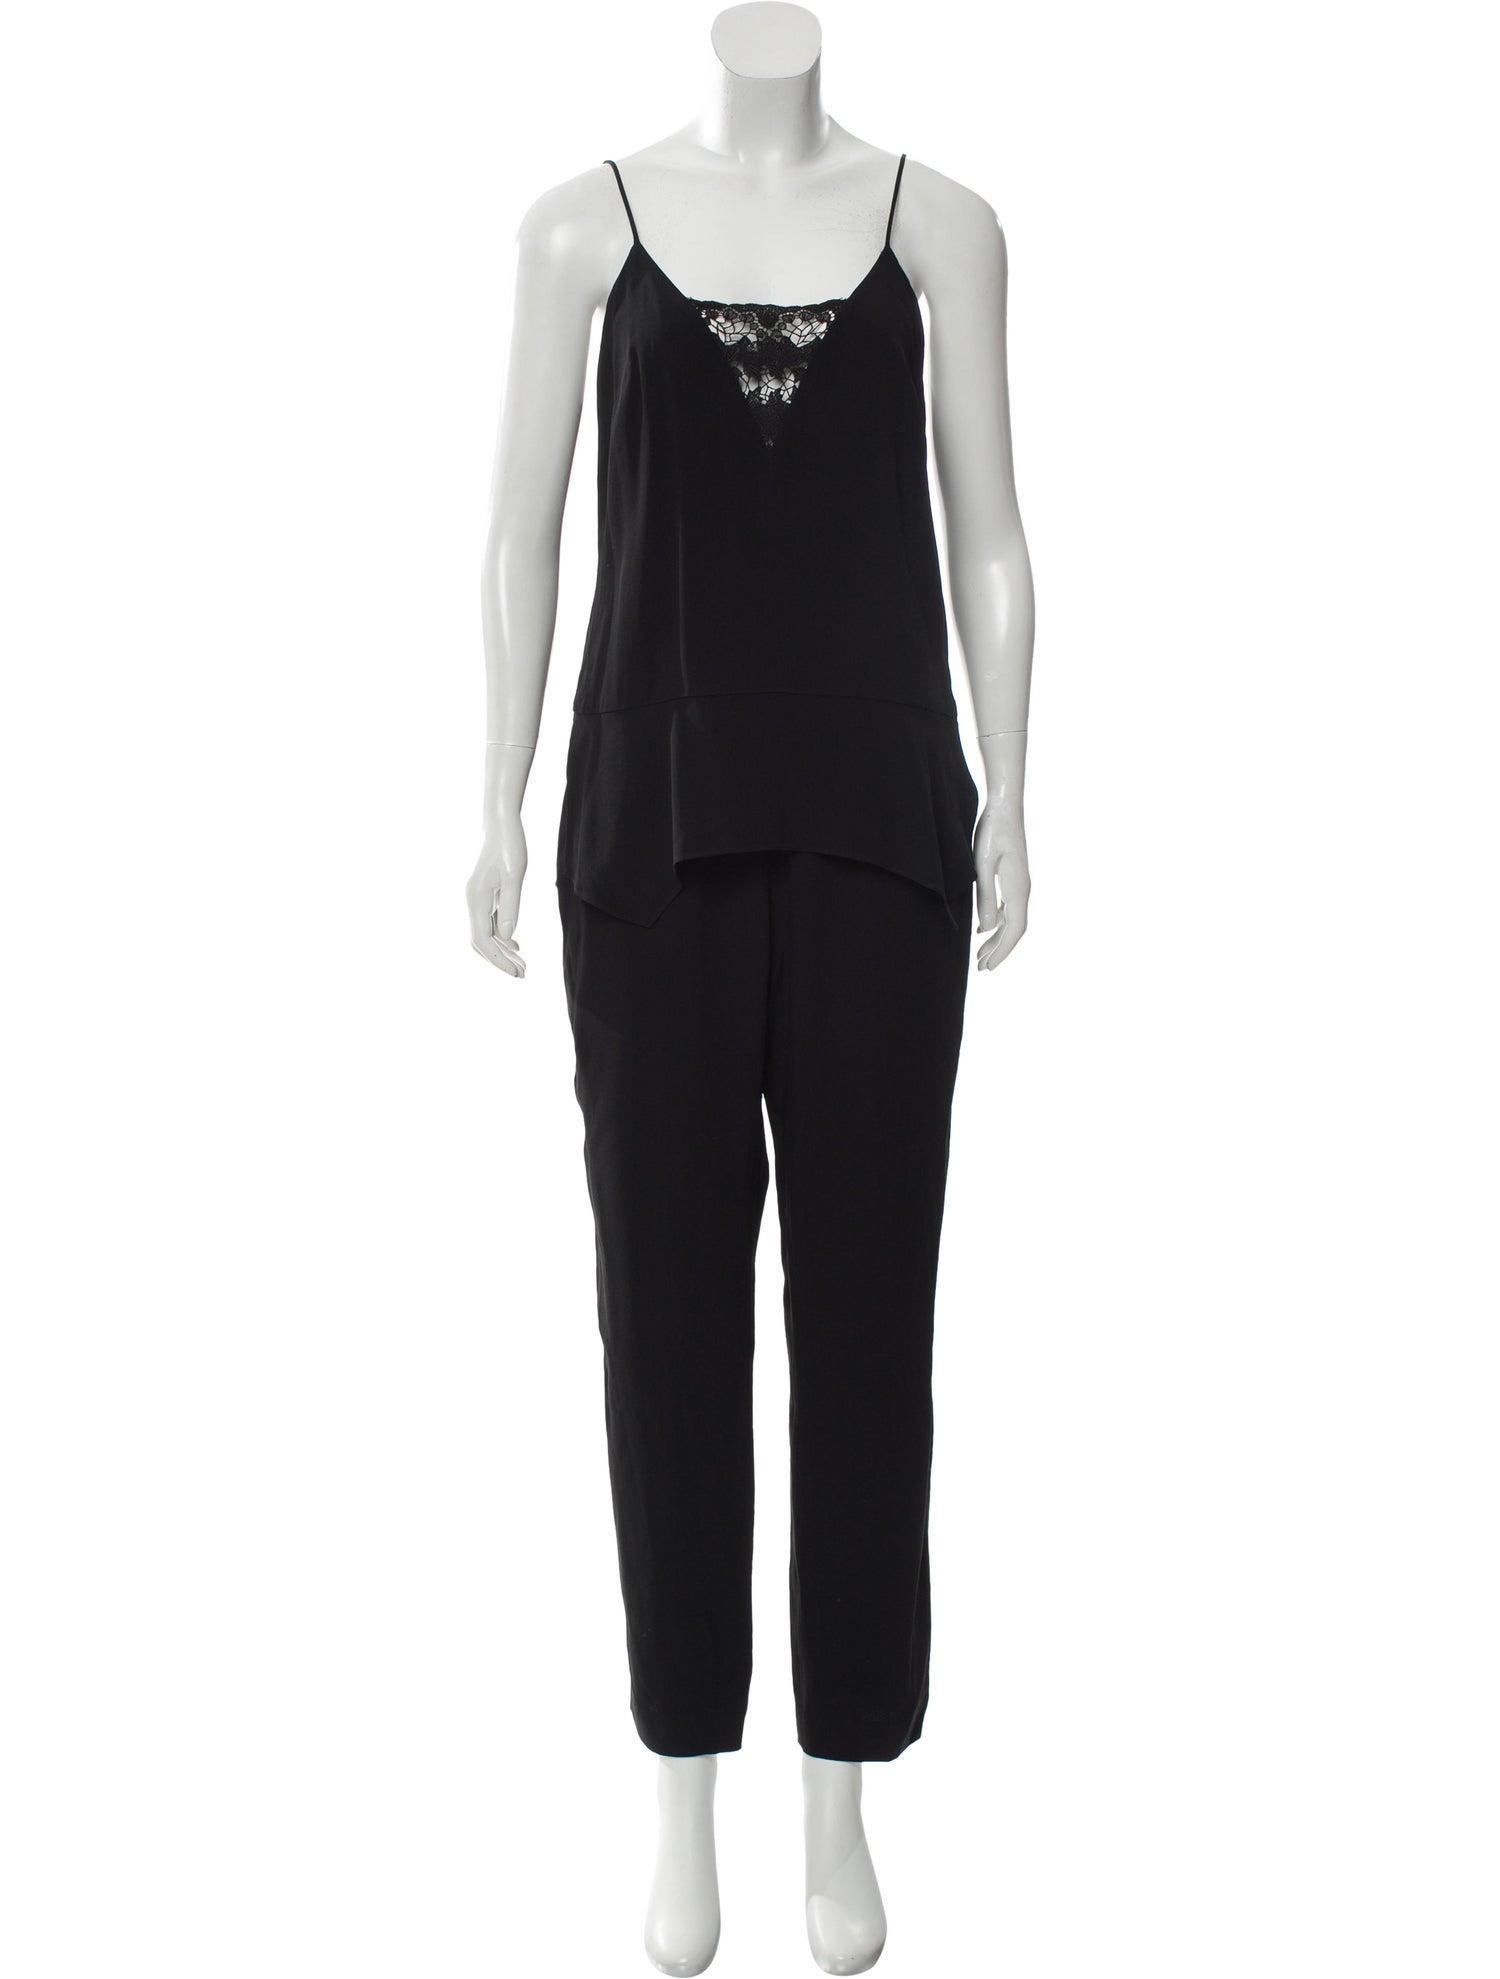 THAKOON Sleeveless Straight-Leg Jumpsuit, $29 @therealreal.com